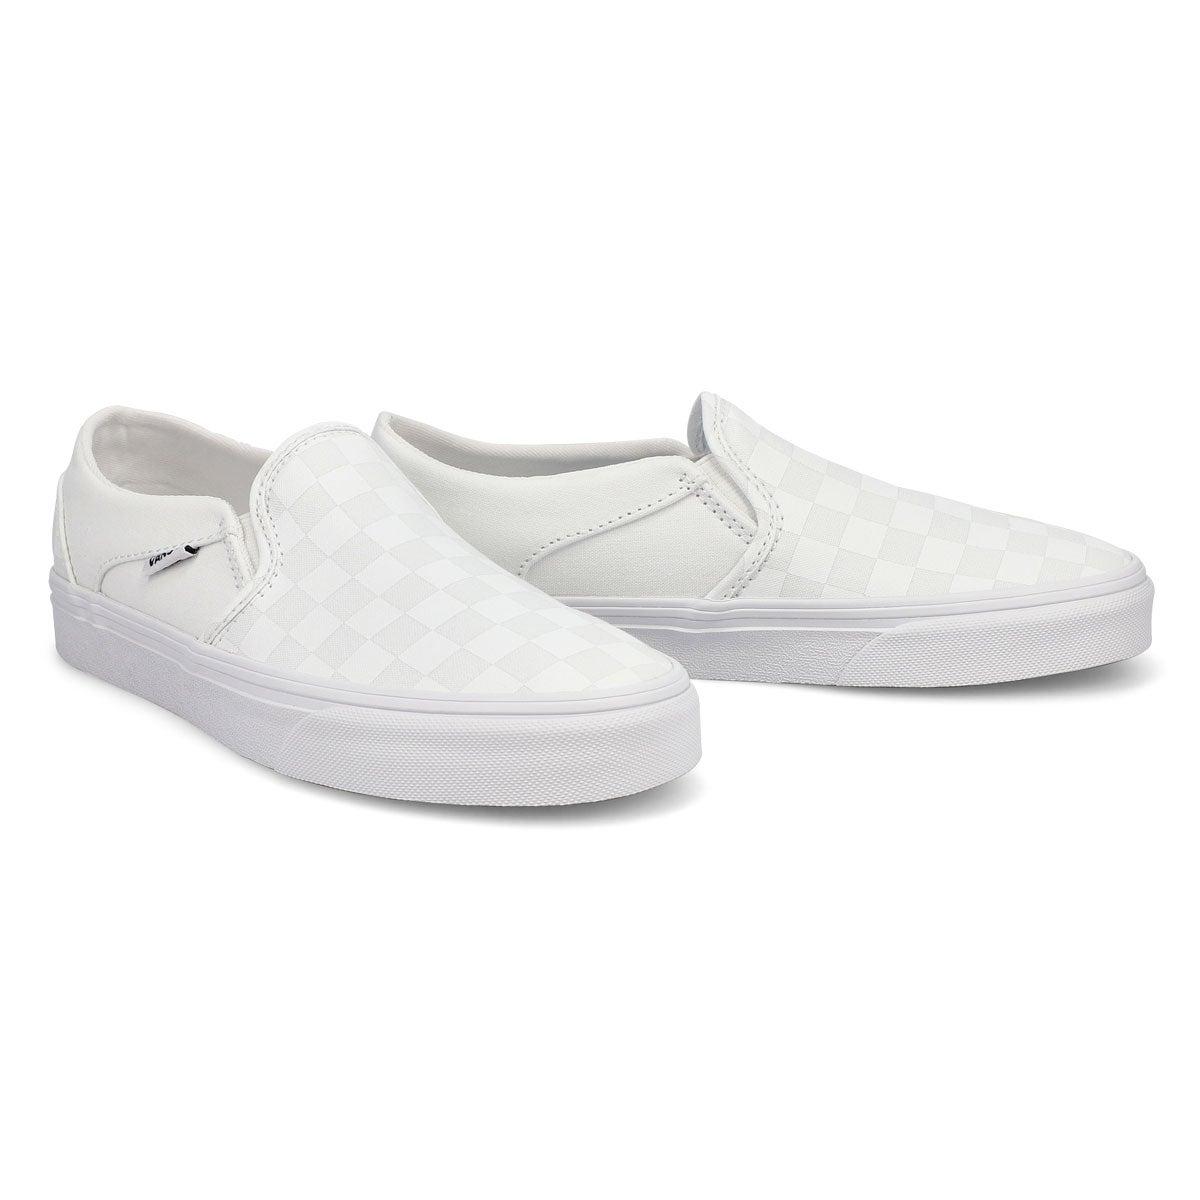 Women's Asher Sneakers - Checkered White/White